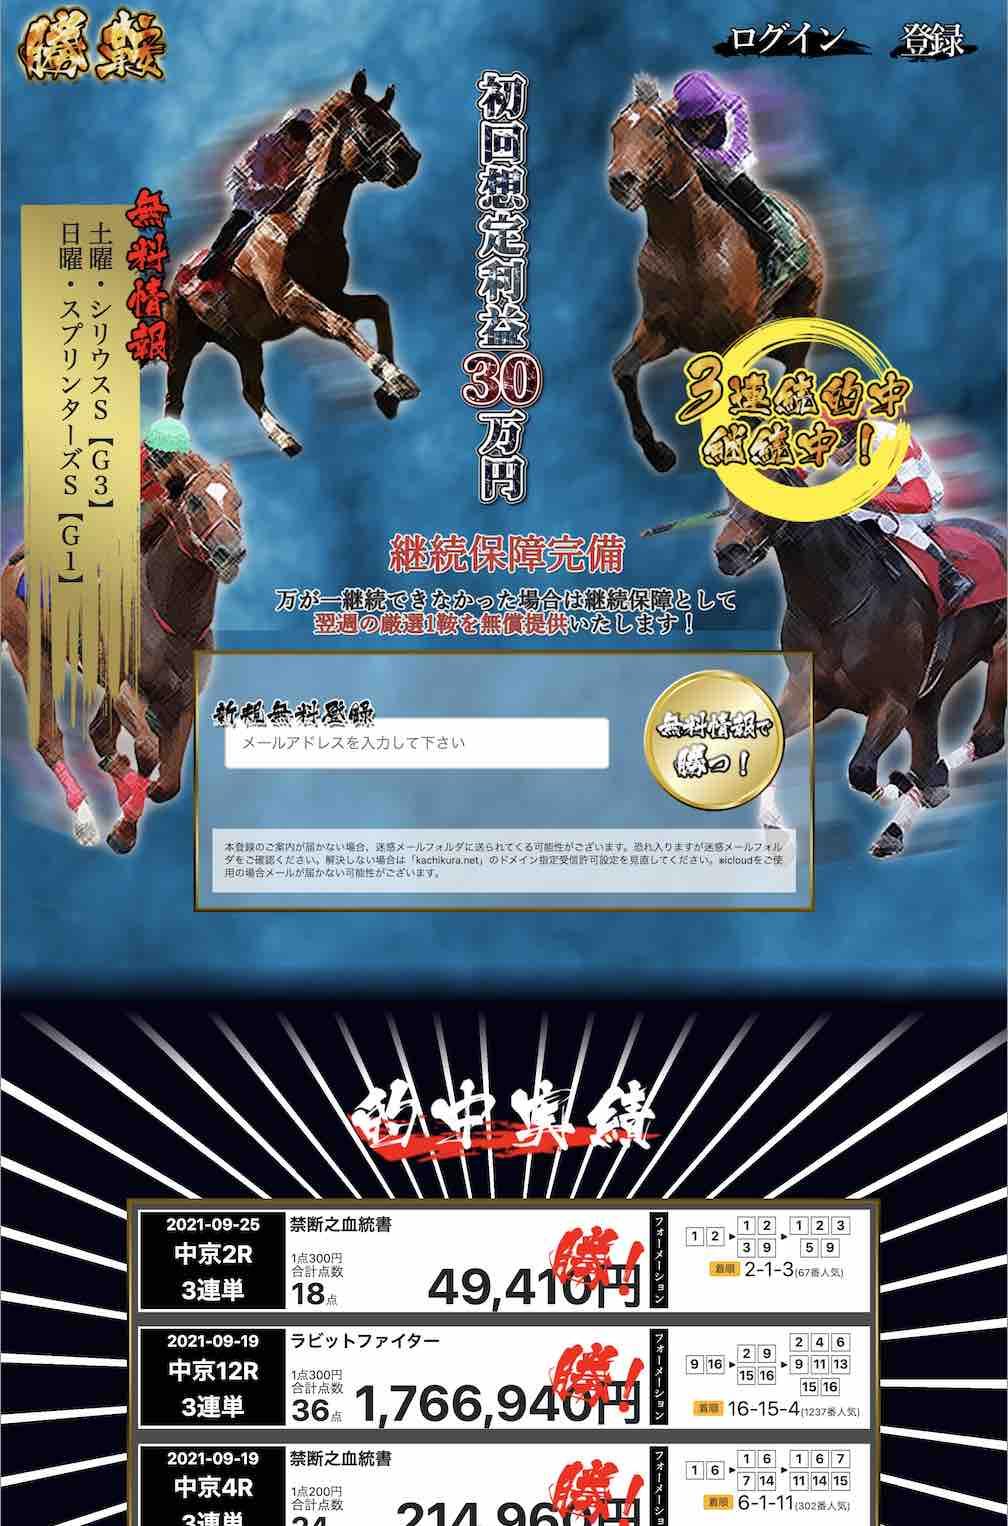 勝鞍という競馬予想サイトの非会員ページ